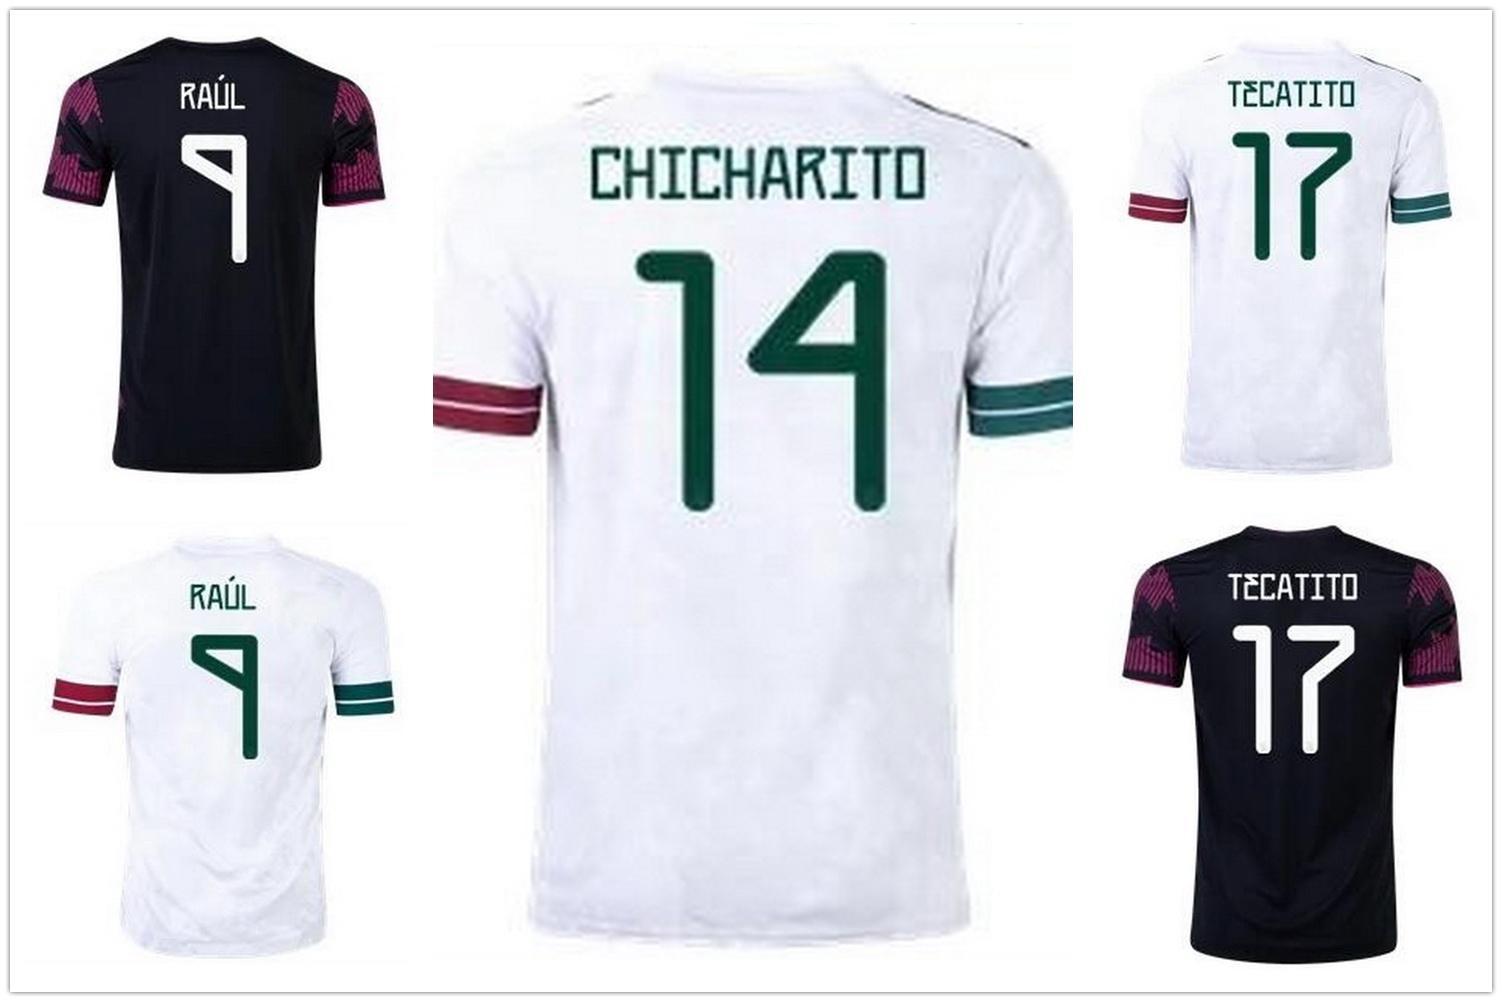 Altın Kupası Meksika 20-21 Futbol Formaları Özelleştirilmiş Tayland Kalite Yakuda Toptan Eğitim En İyi Spor Yerel Çevrimiçi Mağaza 14 Chicharito 18 A.Guardado 22 H.lozano 9 Raúl Giyim